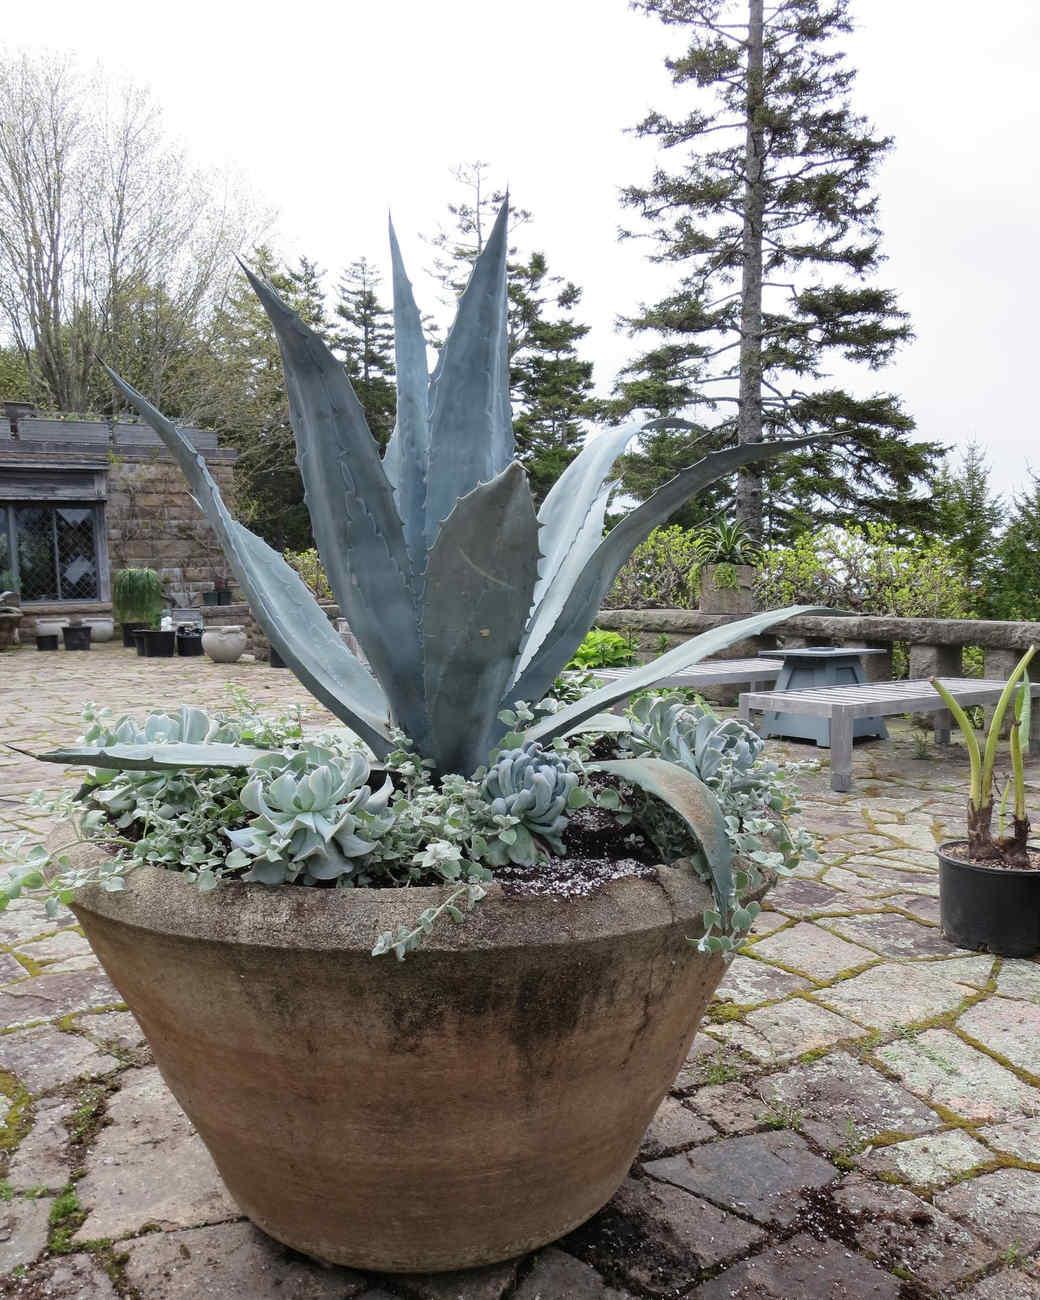 planting-urns-skylands-8-0514.jpg